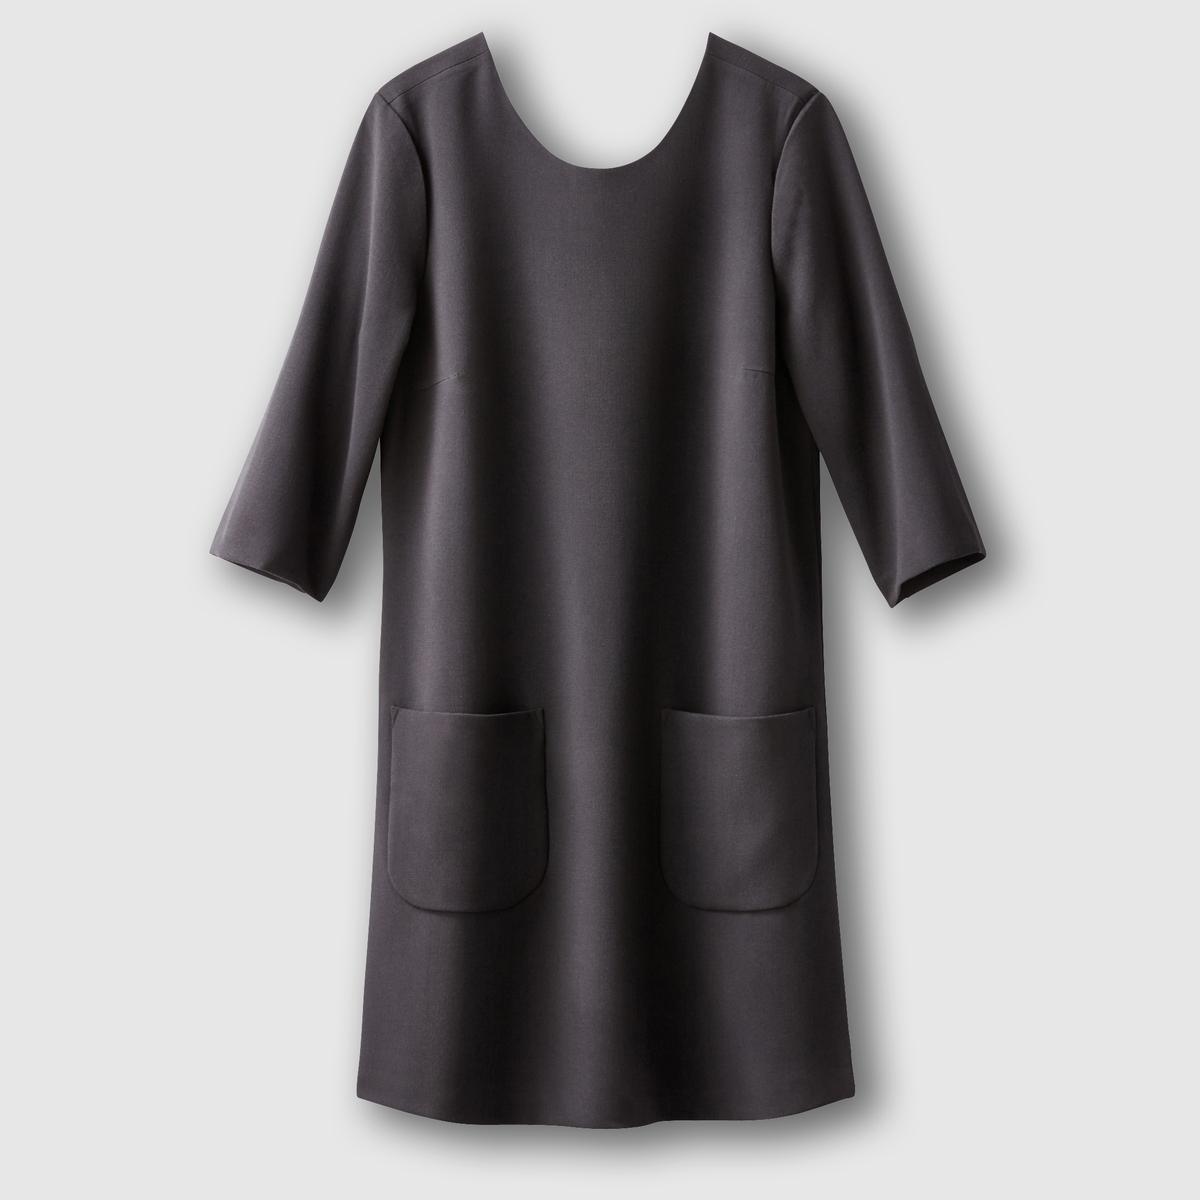 Платье короткое с короткими рукавамиСостав и деталиМатериал          63% полиэстера, 33% вискозы, 4% эластана Марка VERO MODA.               Уход     Следуйте рекомендациям по уходу, указанным на этикетке изделия<br><br>Цвет: черный